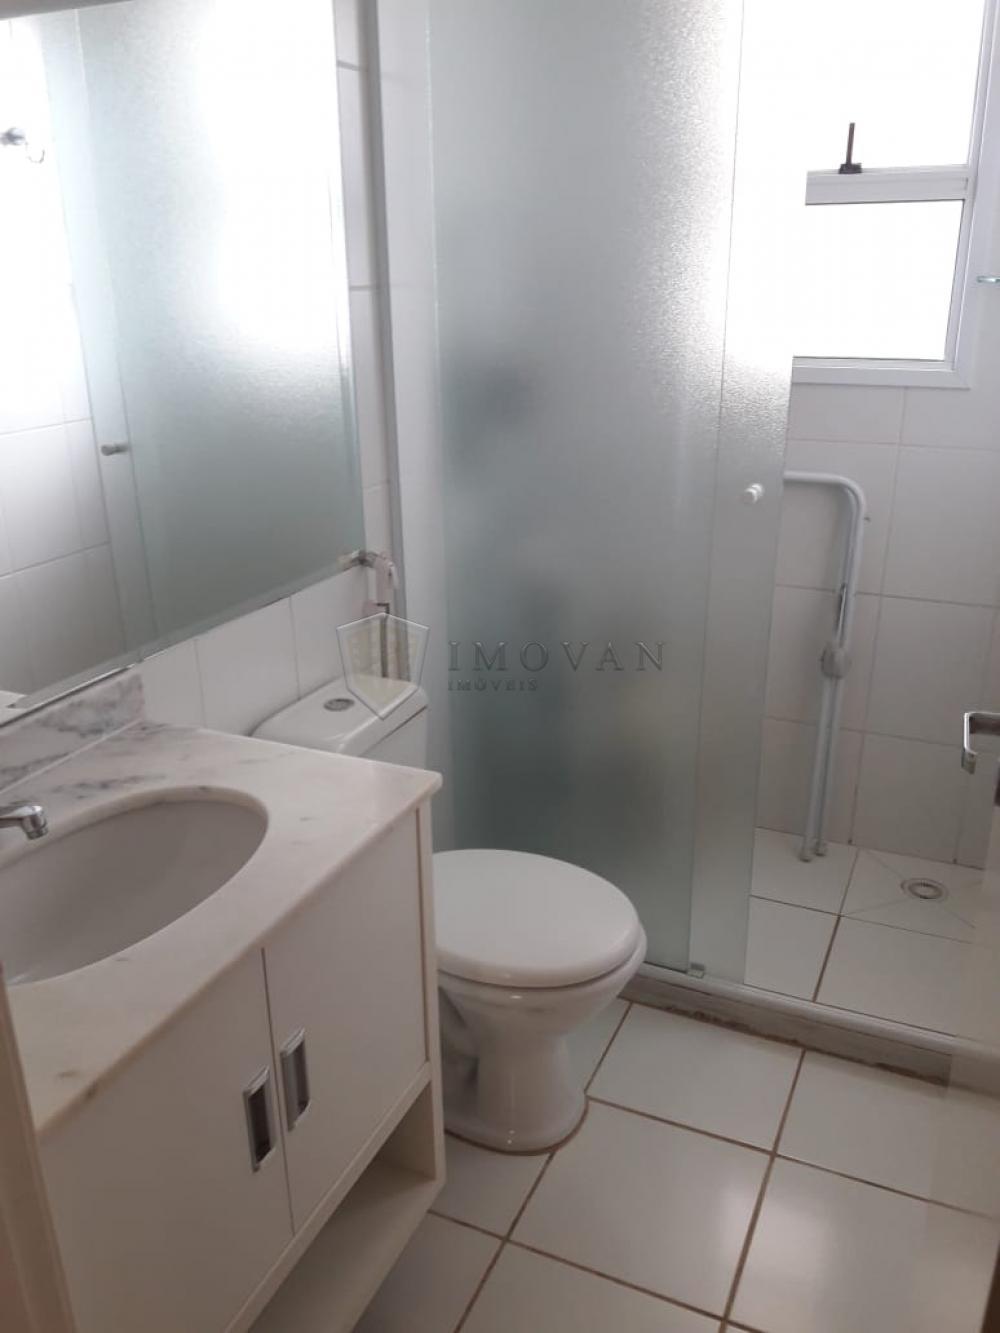 Comprar Apartamento / Padrão em Ribeirão Preto apenas R$ 460.000,00 - Foto 4